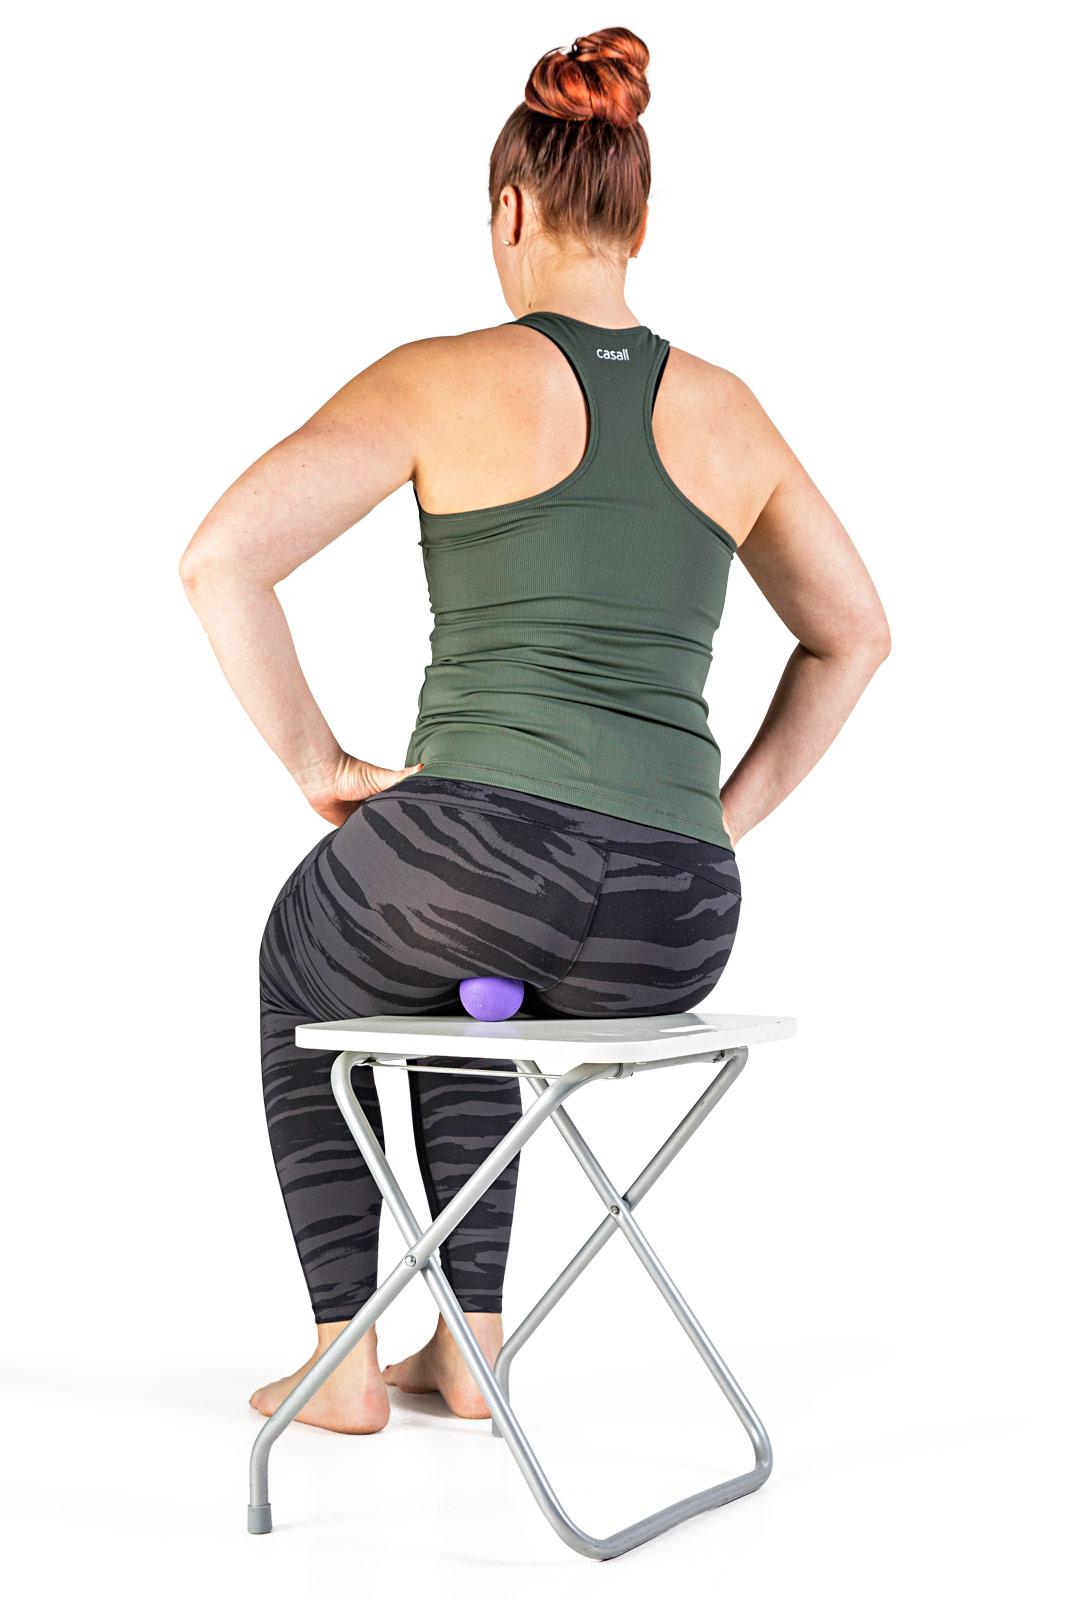 Vie painoa varoen pallon päälle ja keinuta kevyesti lantiota.